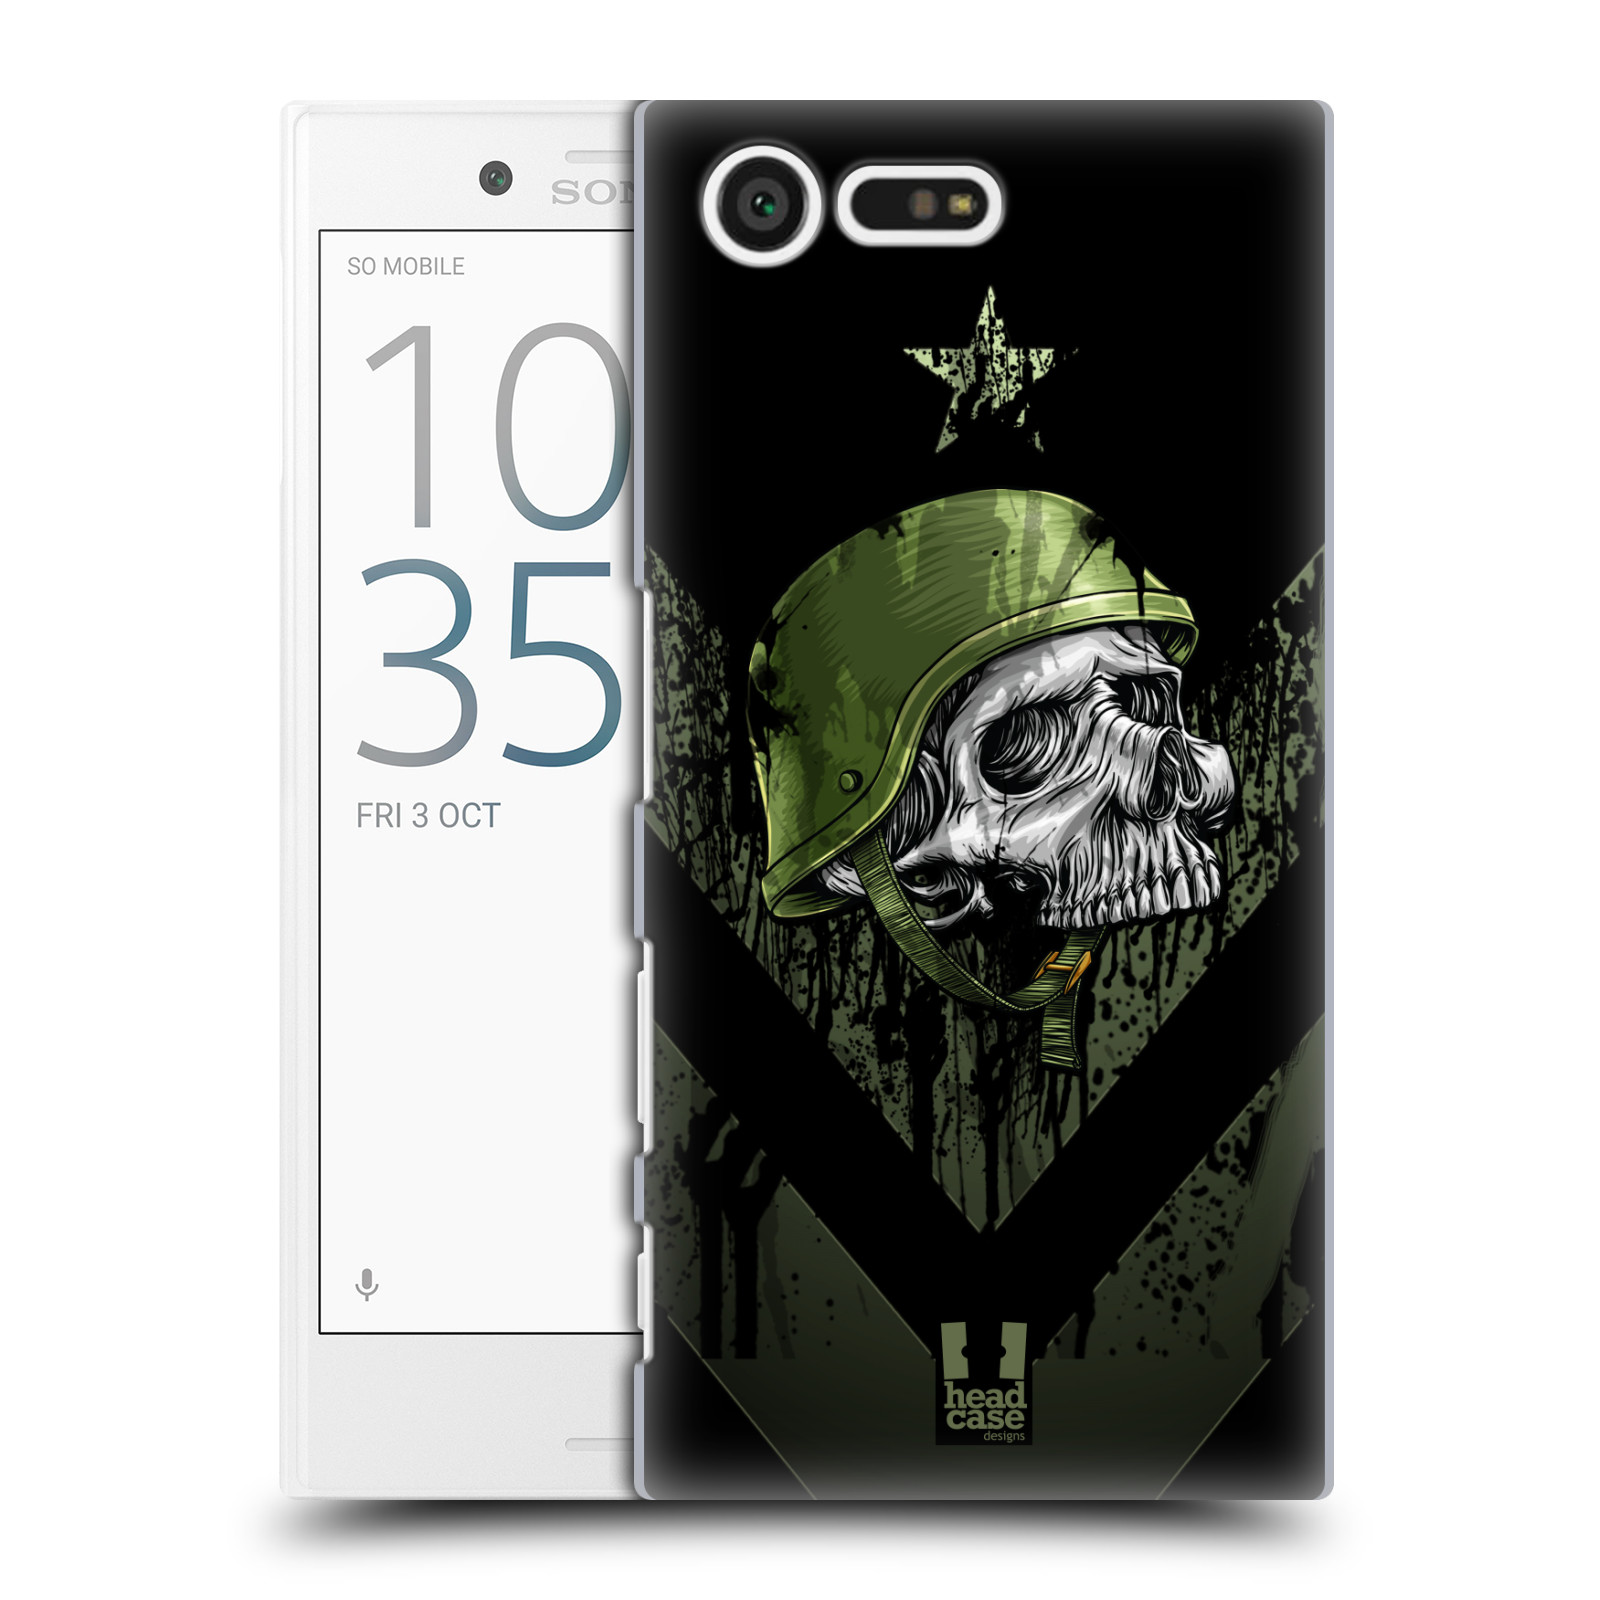 Plastové pouzdro na mobil Sony Xperia X Compact HEAD CASE LEBKA ONE MAN